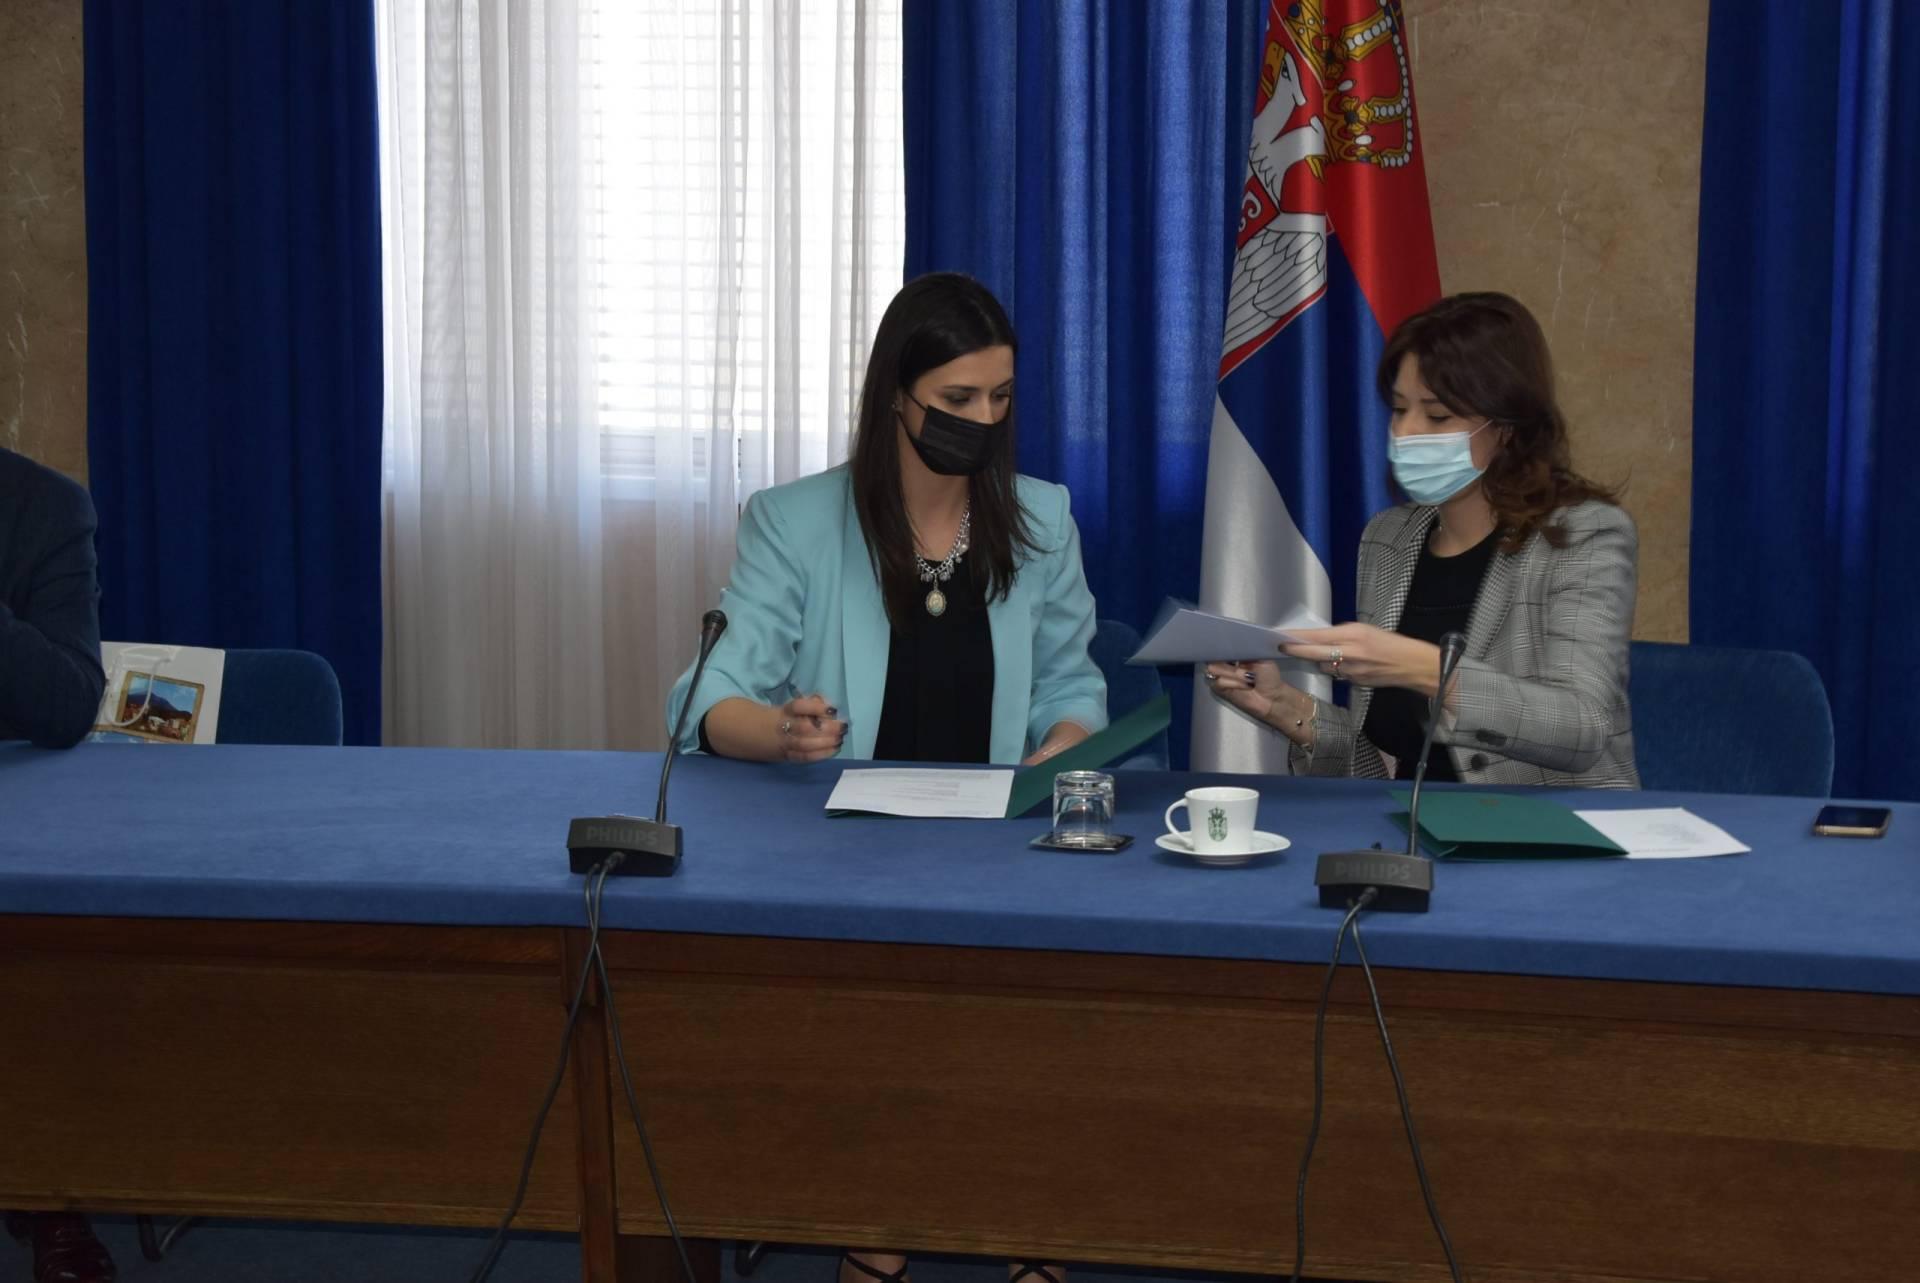 Potpisan ugovor između Ministarstva zaštite životne sredine i opštine Odžaci za finansiranje zamene kotlova u javnim ustanovama